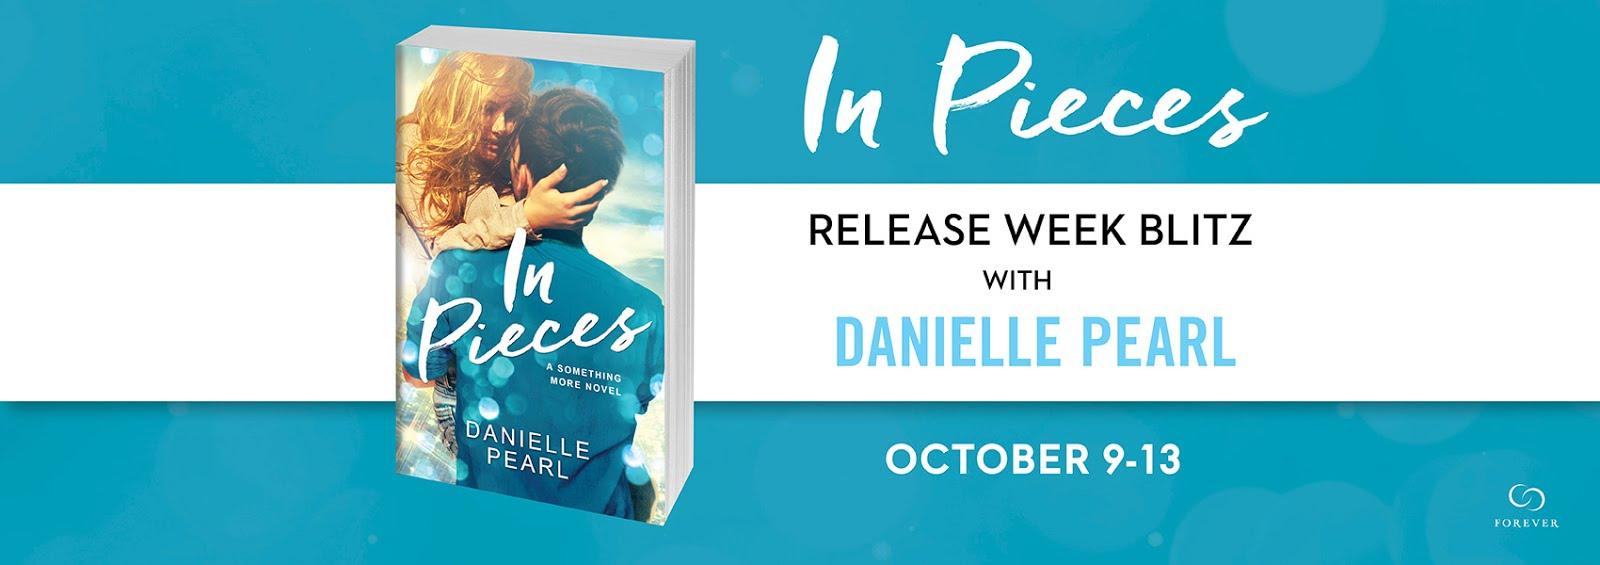 In Pieces Release Week Blitz